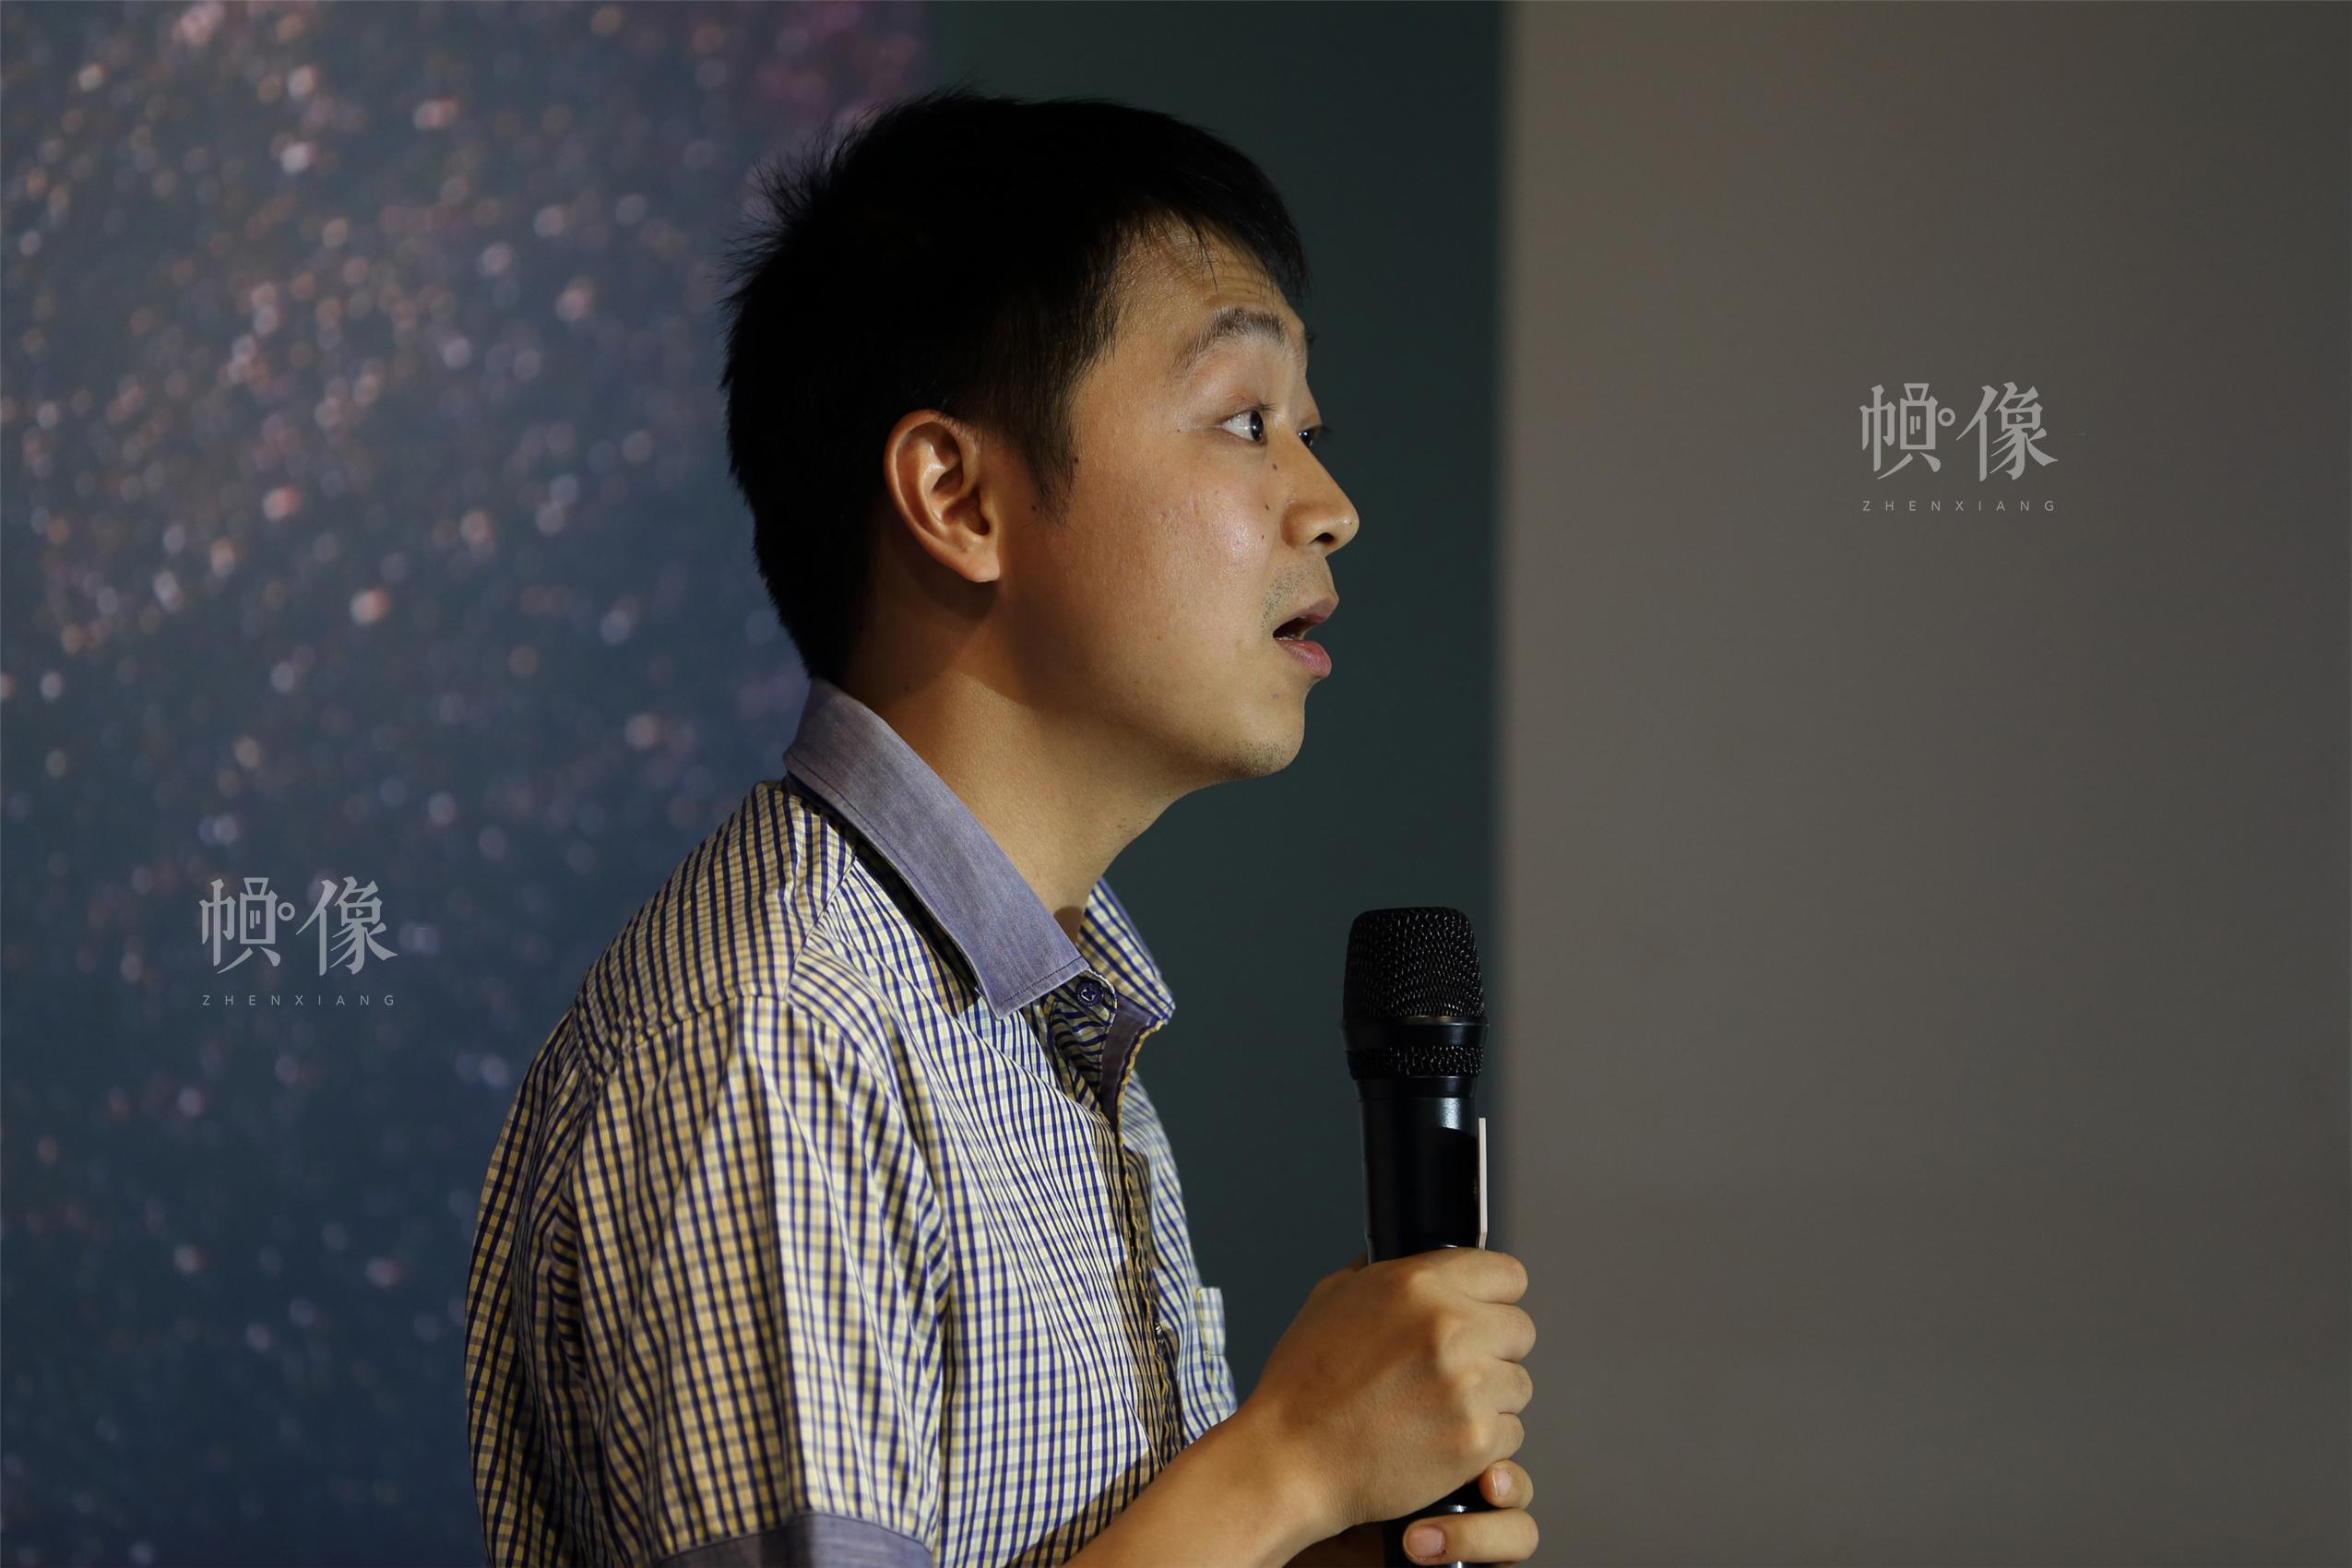 有人公益基金会残障项目总监、《奇葩说》辩手蔡聪分享经历。中国网记者 陈维松 摄